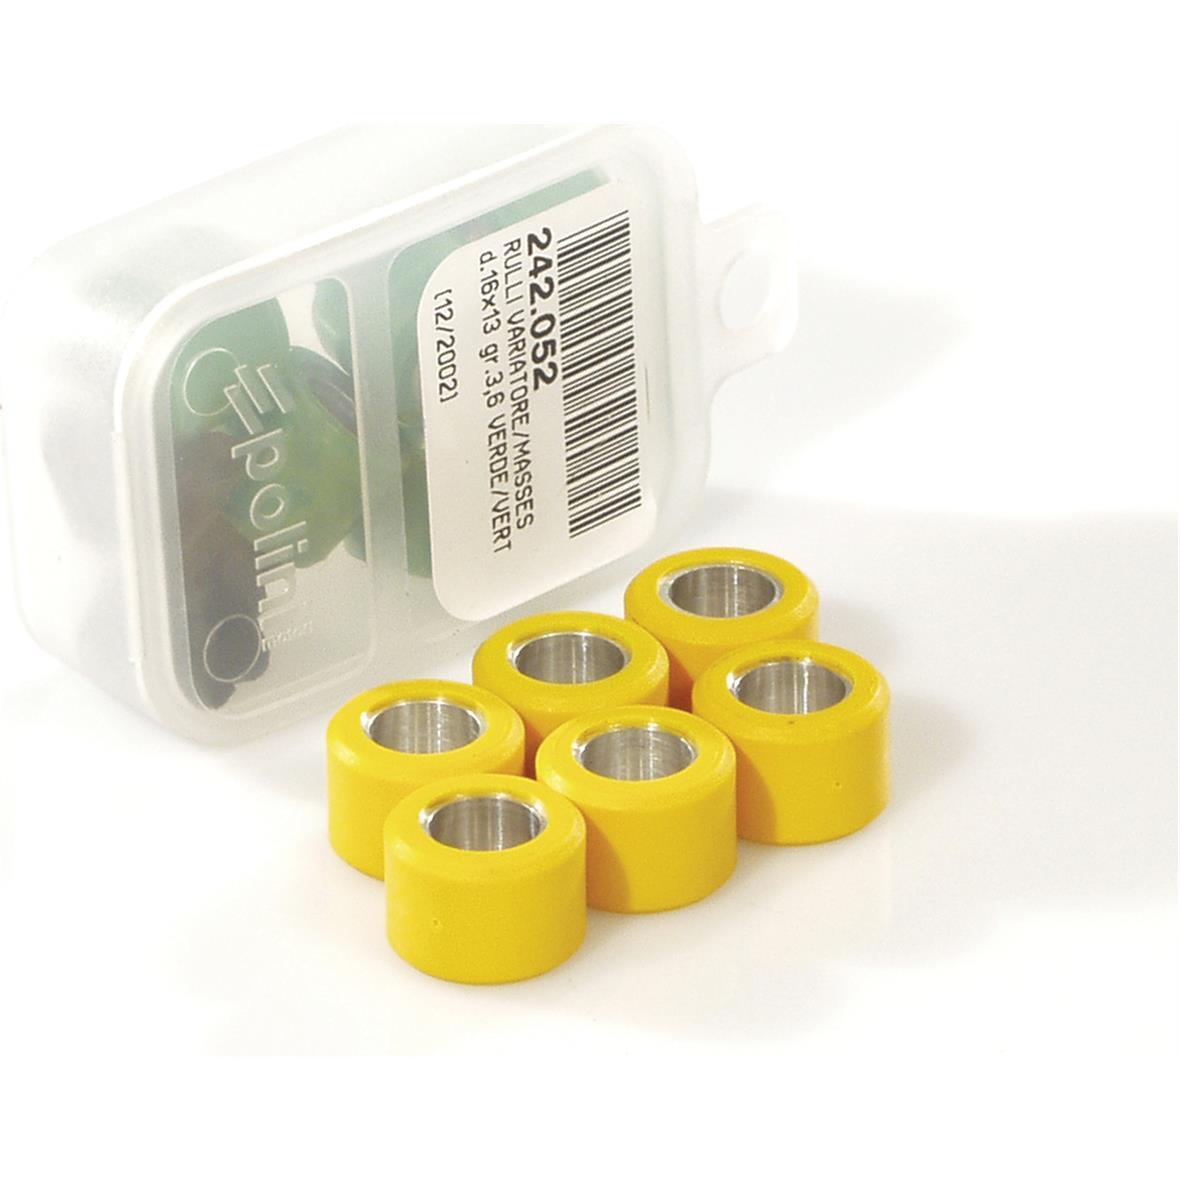 Εικόνα προϊόντος για 'Ράουλα Βαριατόρ POLINI 17x12 mm 9,2 γραμμάριοTitle'